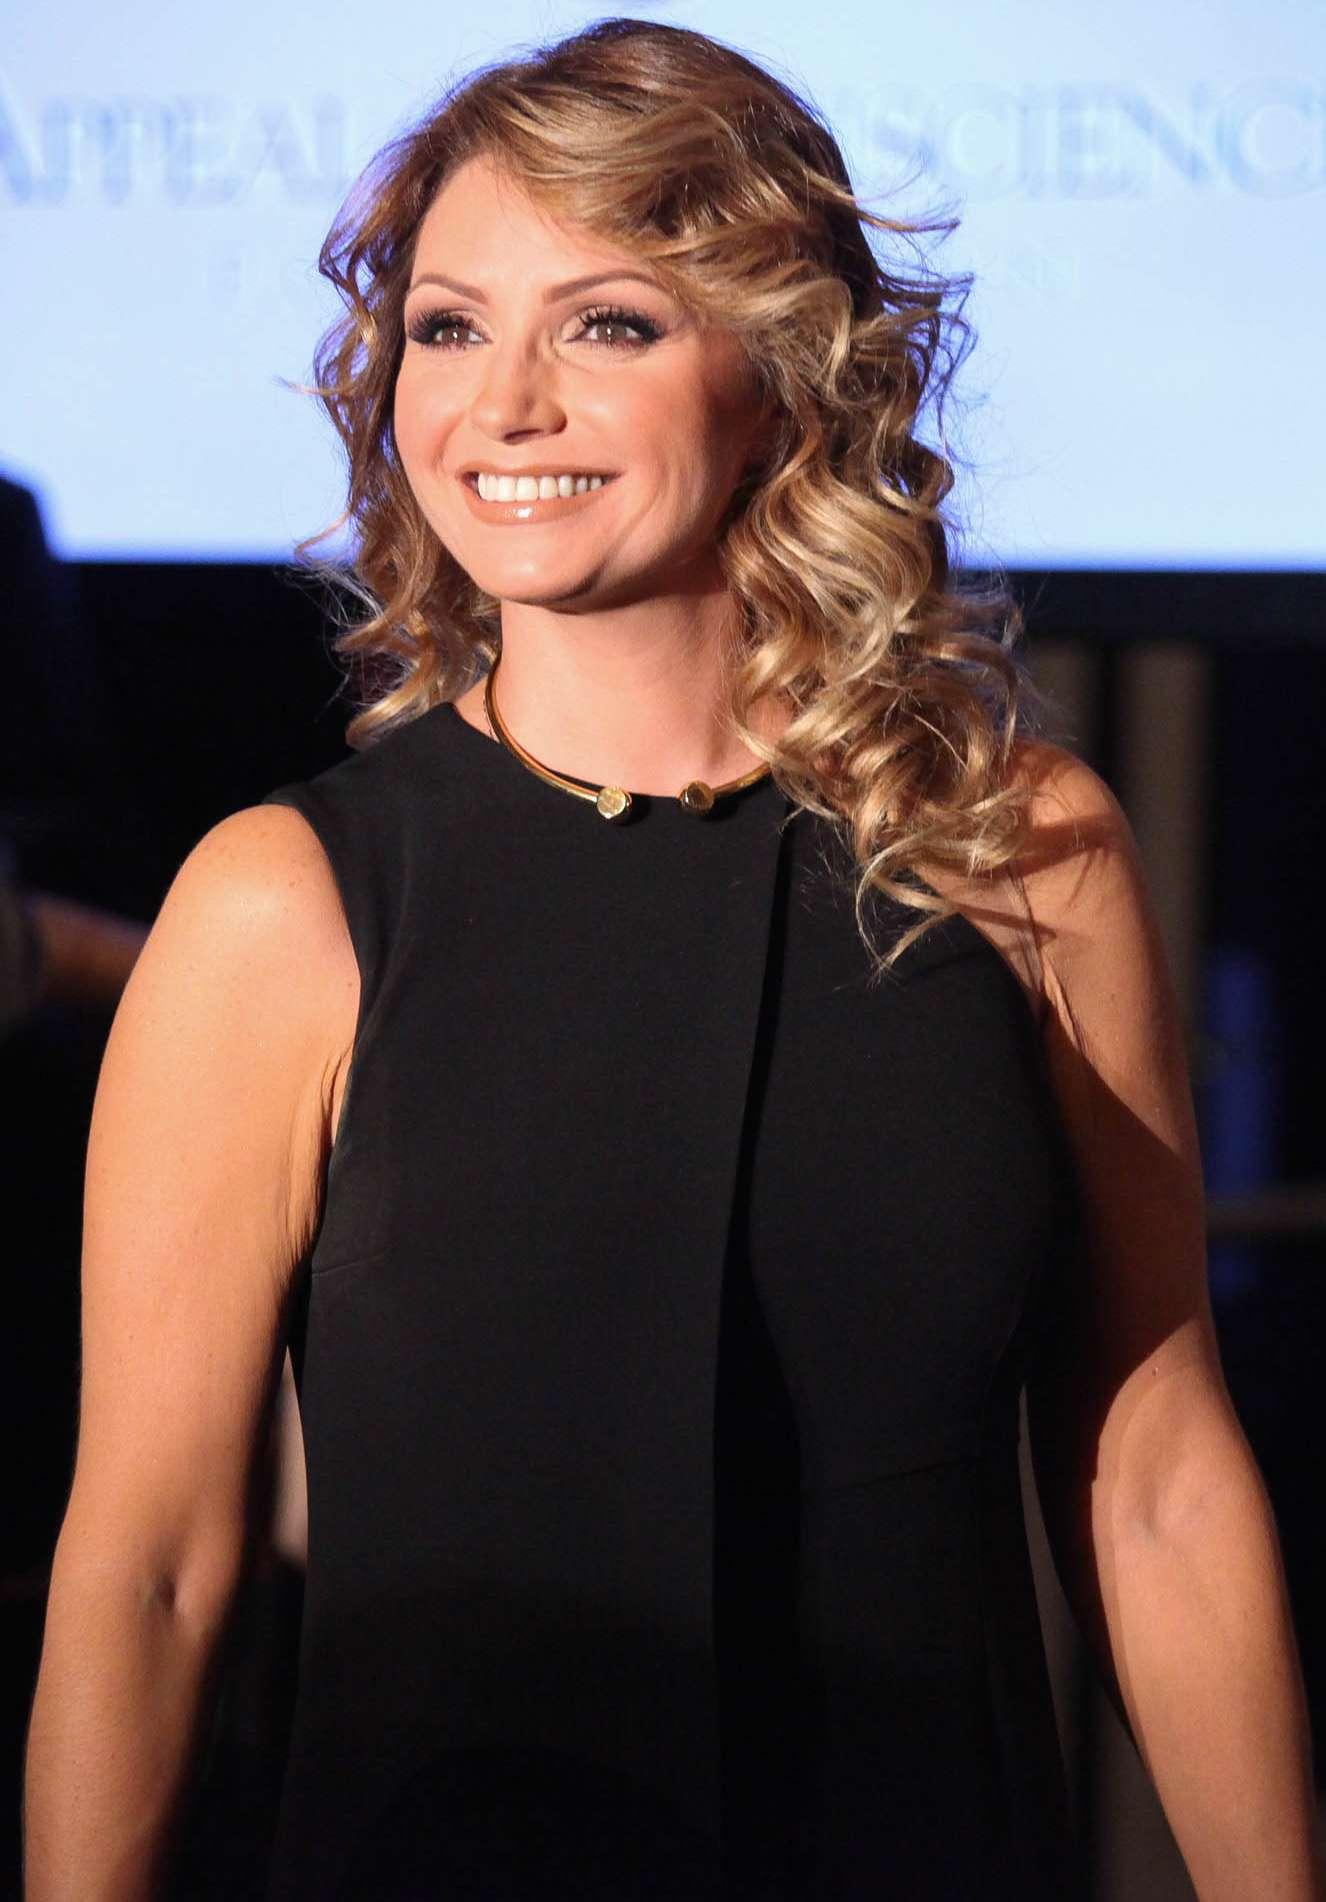 Angélica Rivera dijo que compró una millonaria mansión producto de 25 años de trabajo en Televisa. Foto: Getty Images